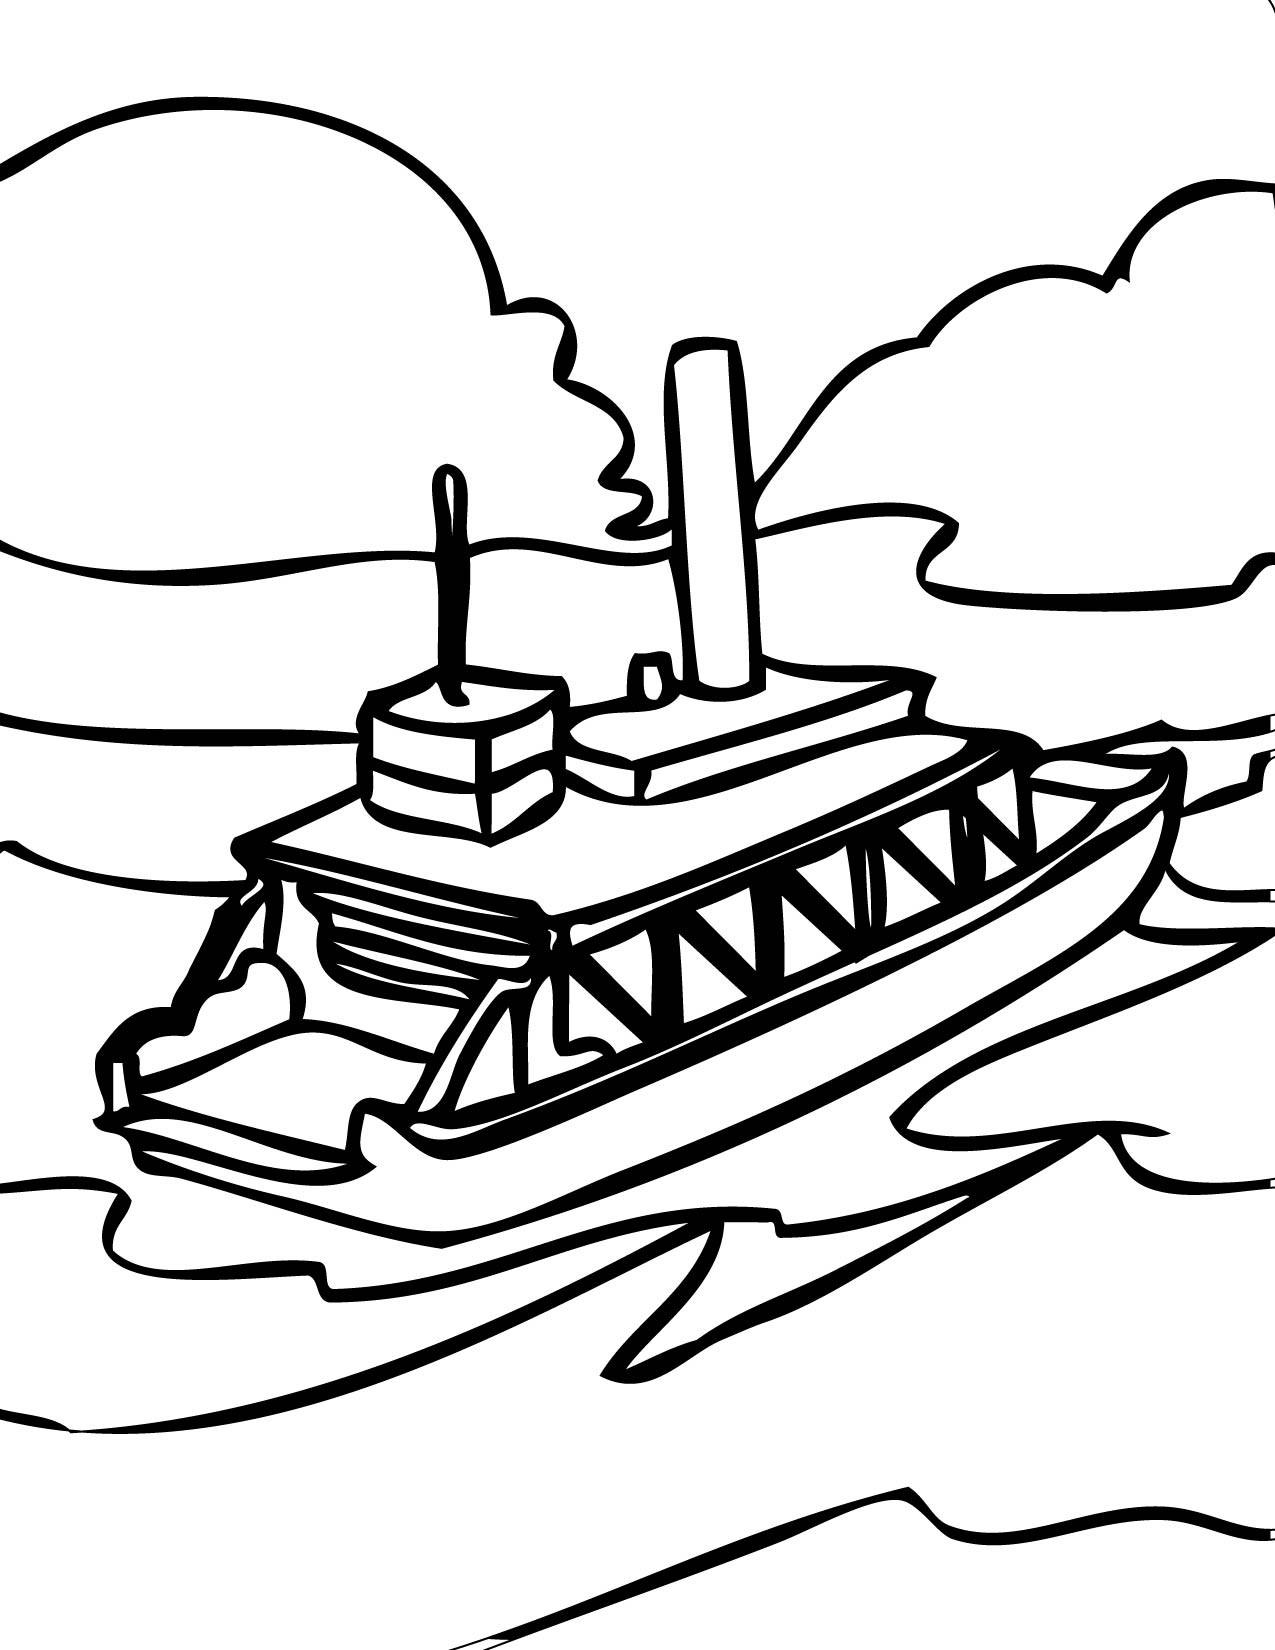 1275x1650 Boat Transportation Coloring Pages For Kids Elegant Elegant Speed